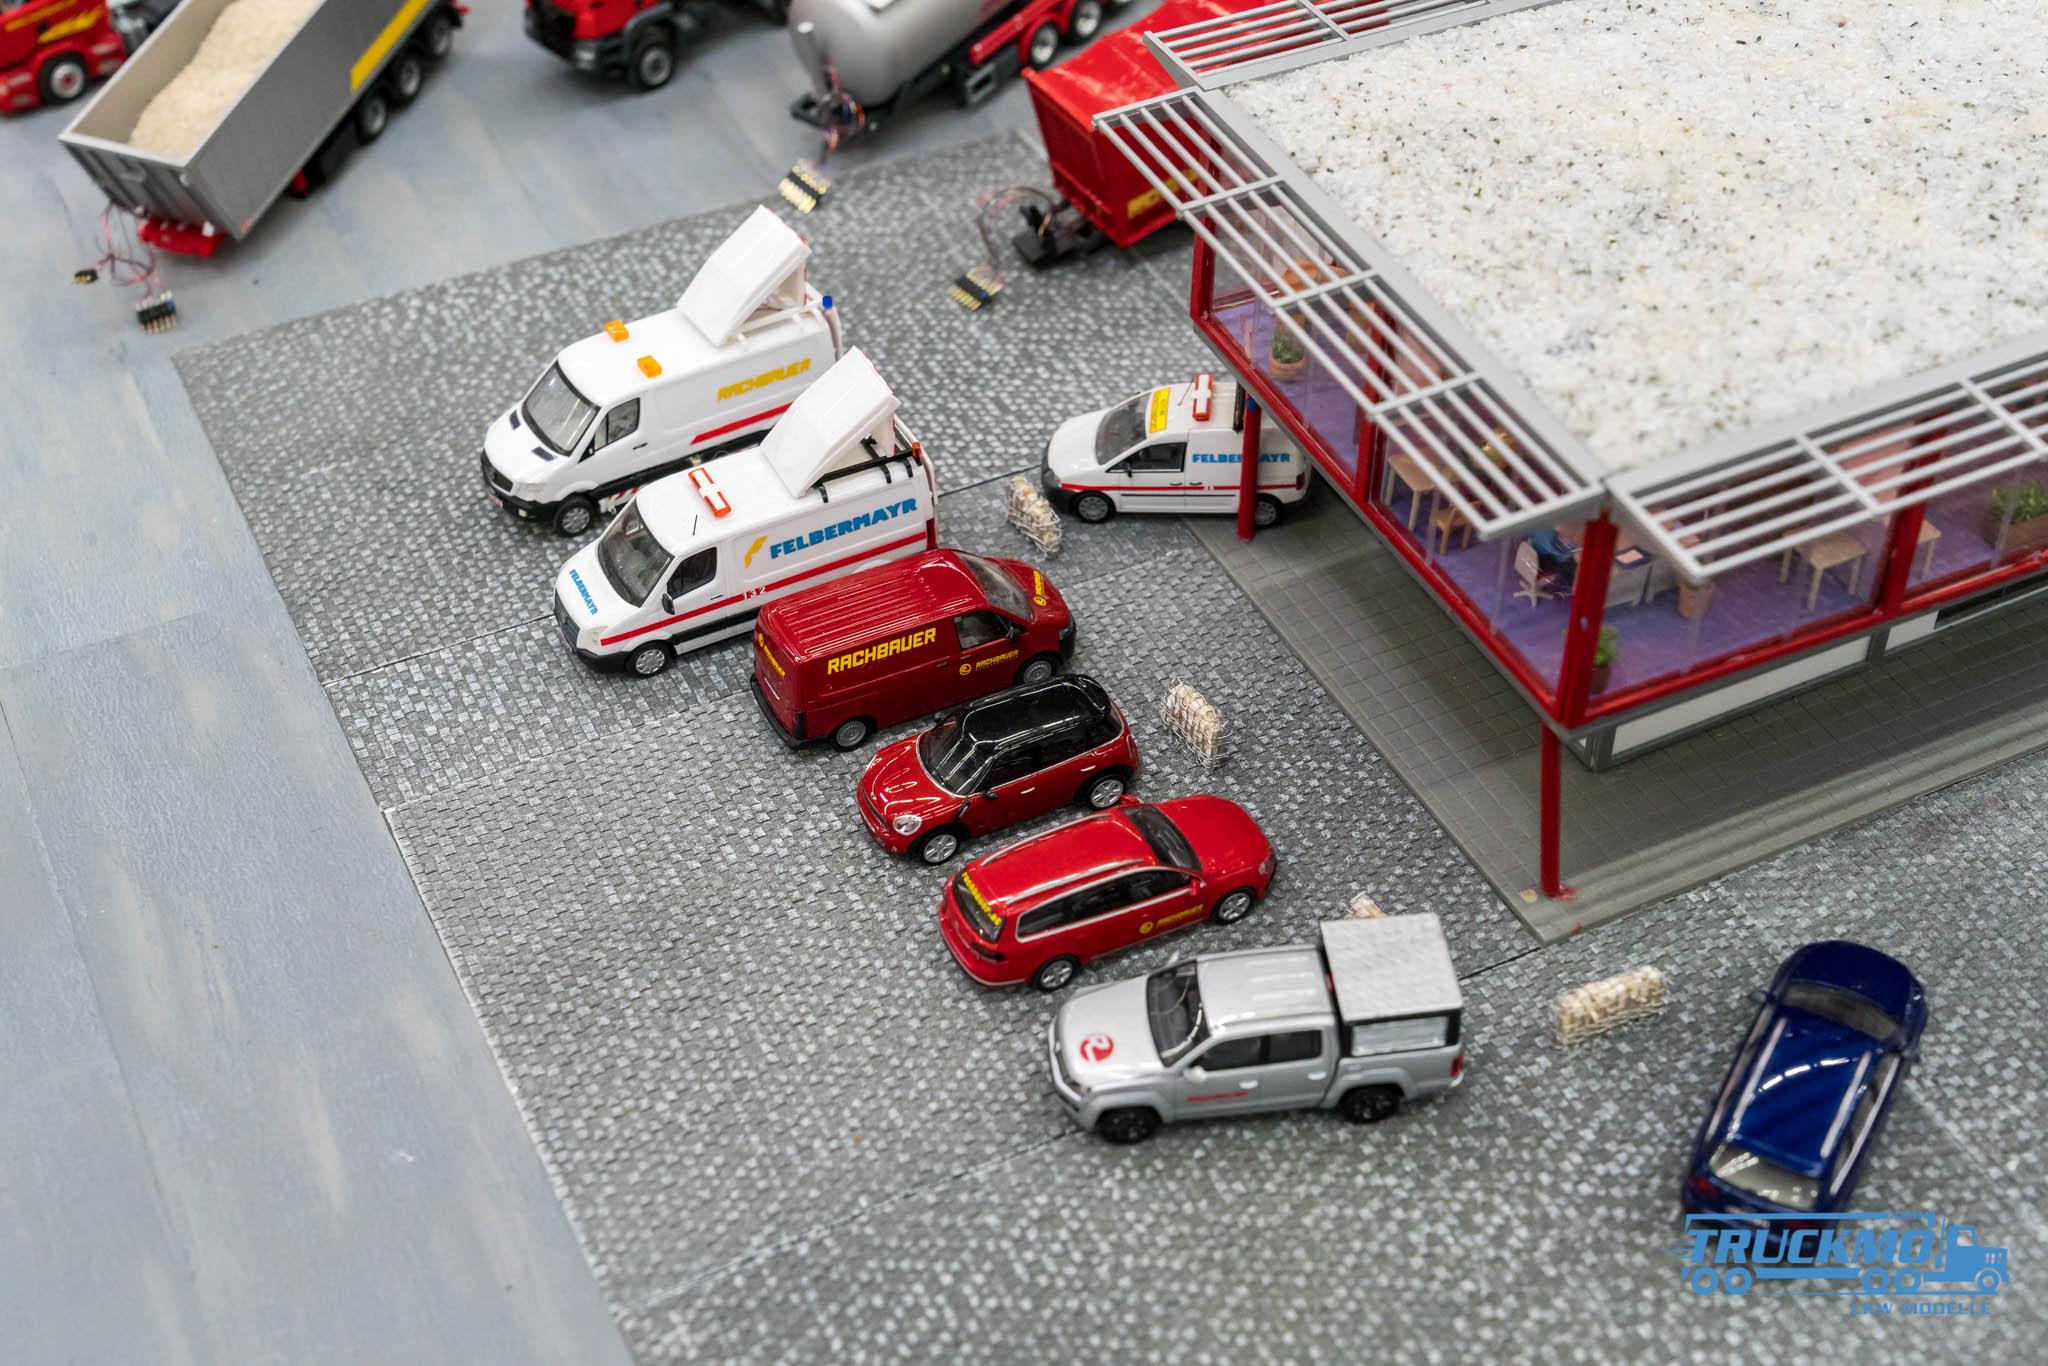 Truckmo_Modellbau_Ried_2017_Herpa_Messe_Modellbauausstellung (252 von 1177)